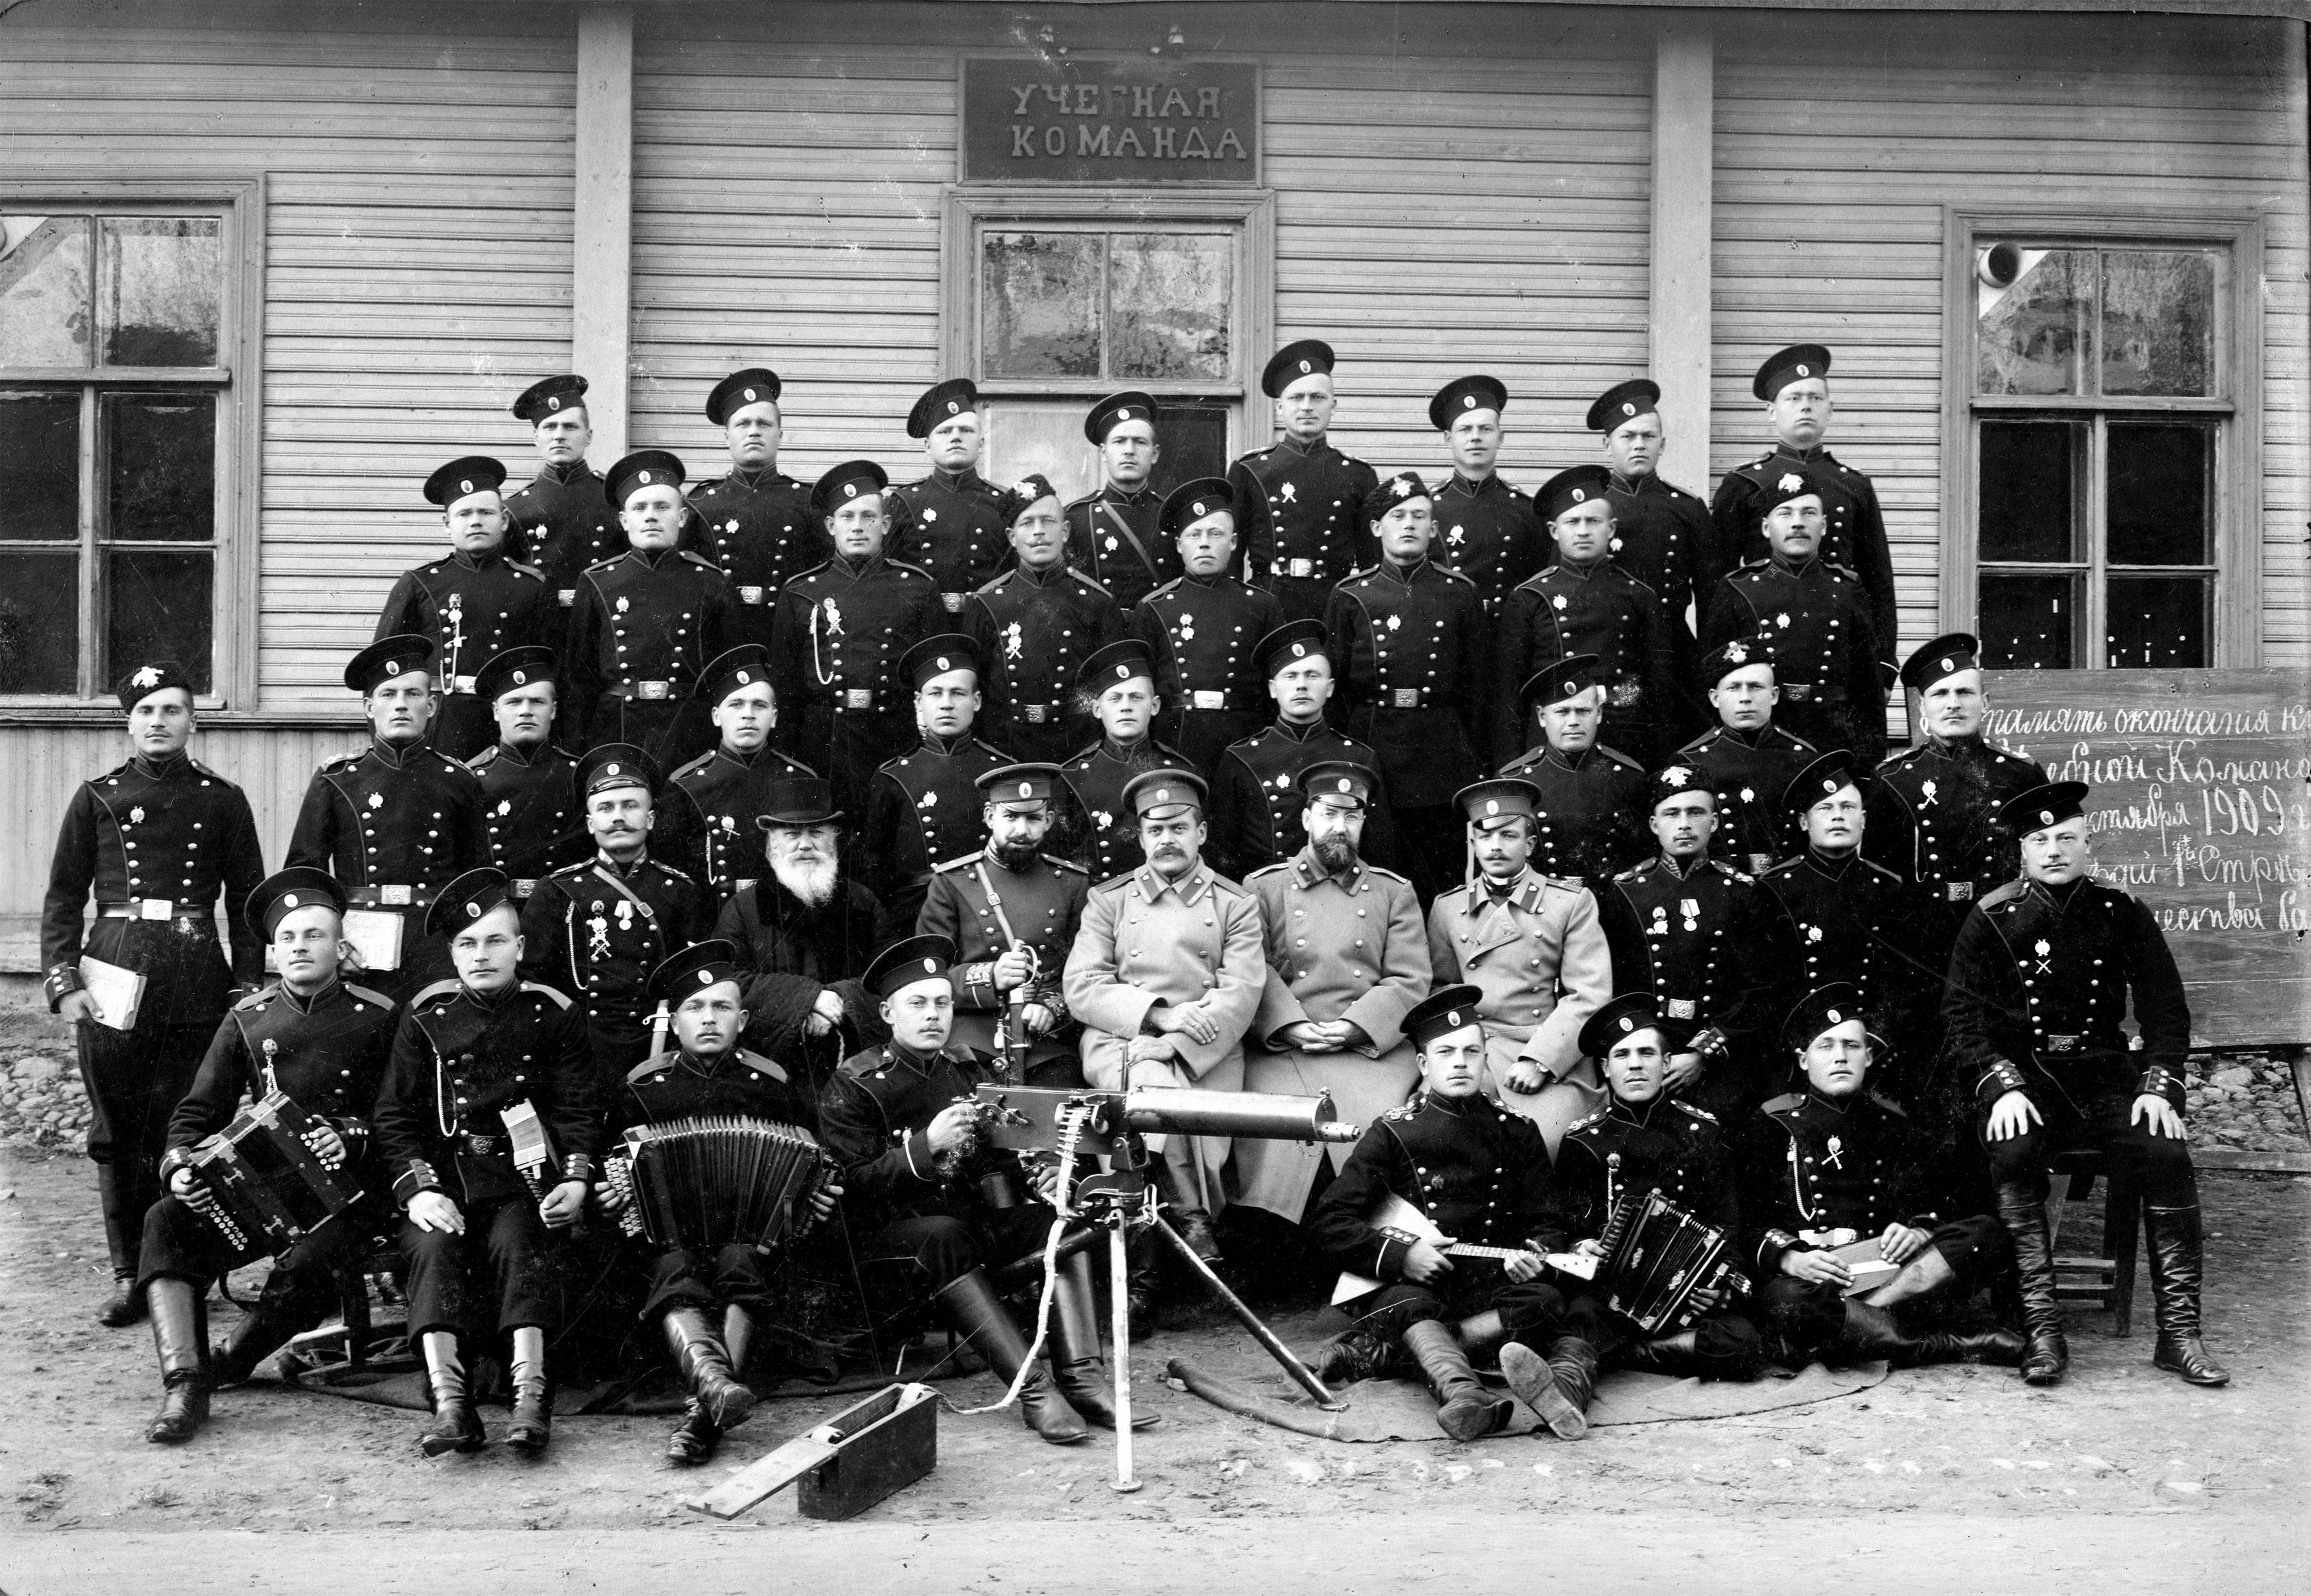 1-й стрелковый Его Величества лейб-гвардии полк